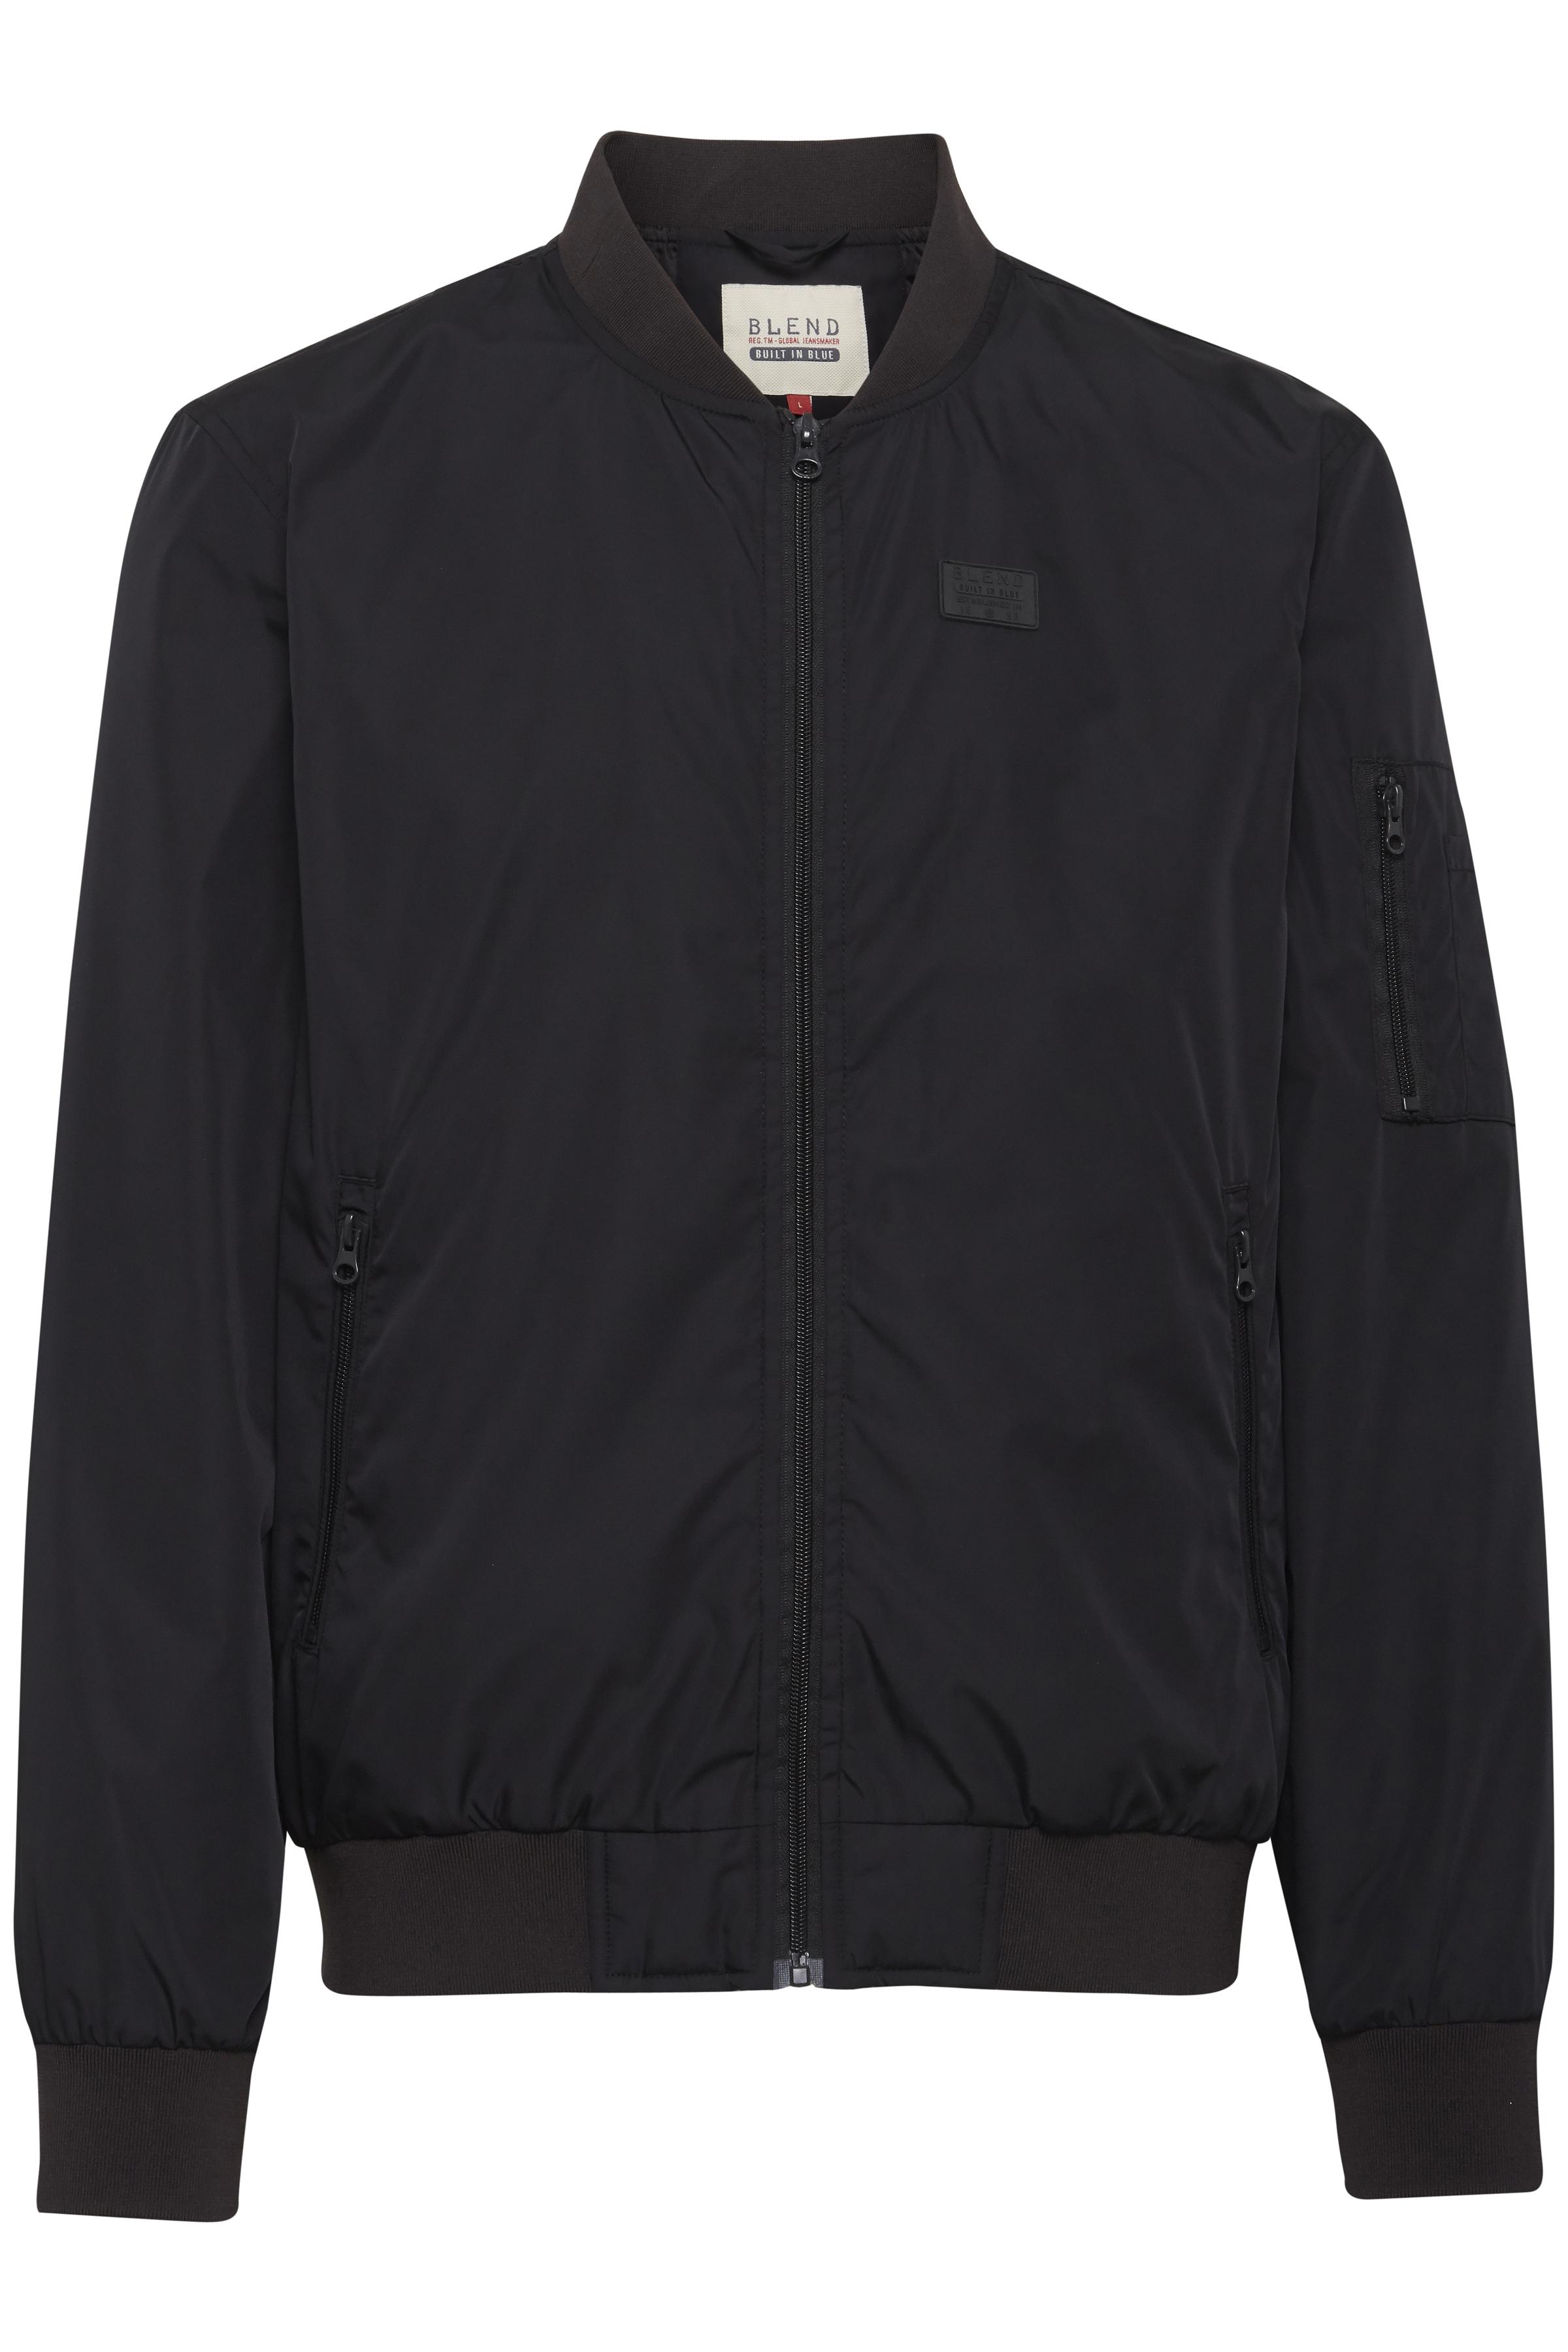 Black Overtøj – Køb Black Overtøj fra str. S-XXL her